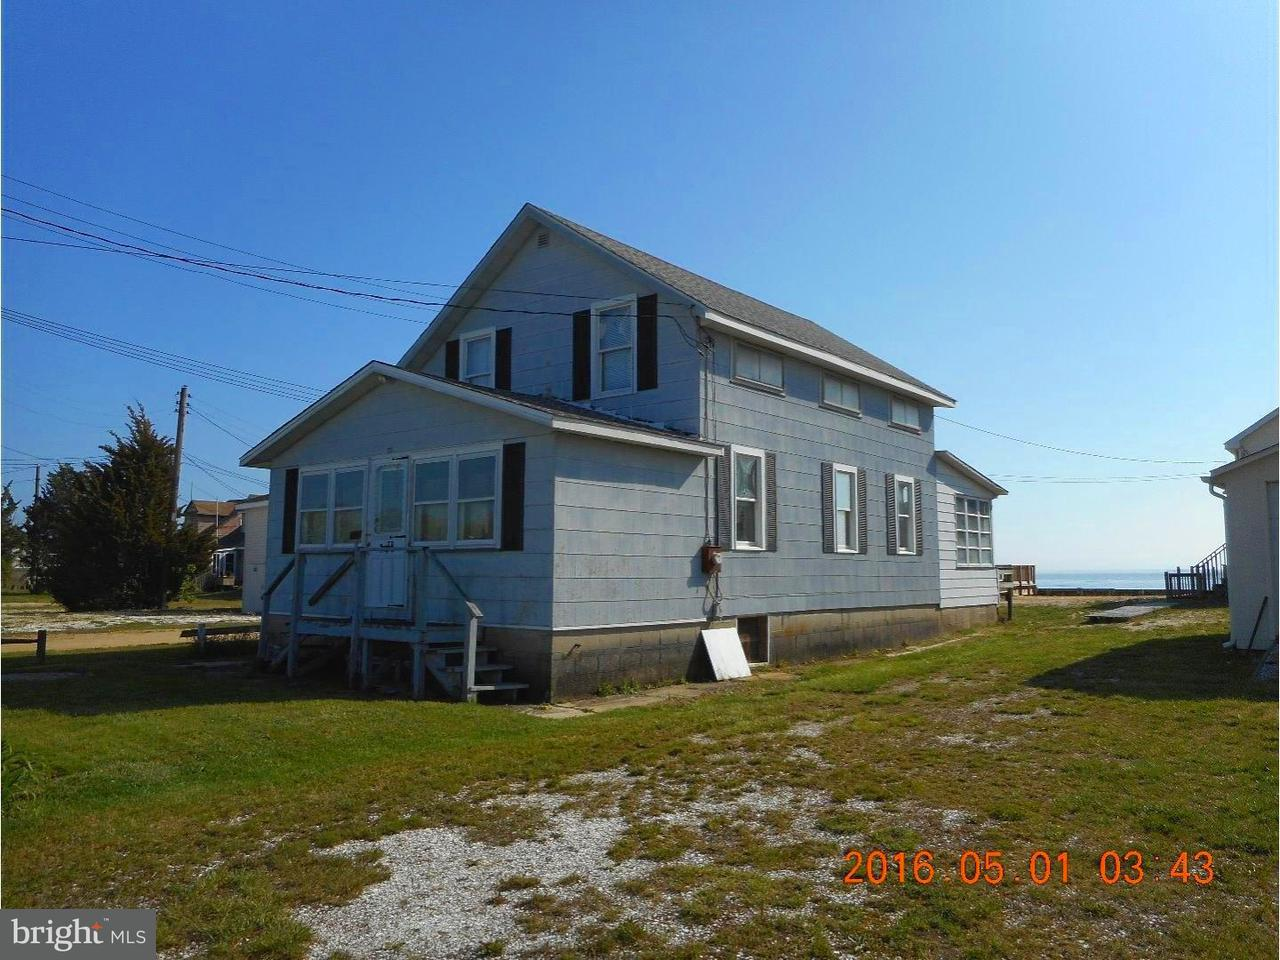 Частный односемейный дом для того Продажа на 170 NEW JERSEY Avenue Fortescue, Нью-Джерси 08321 Соединенные Штаты